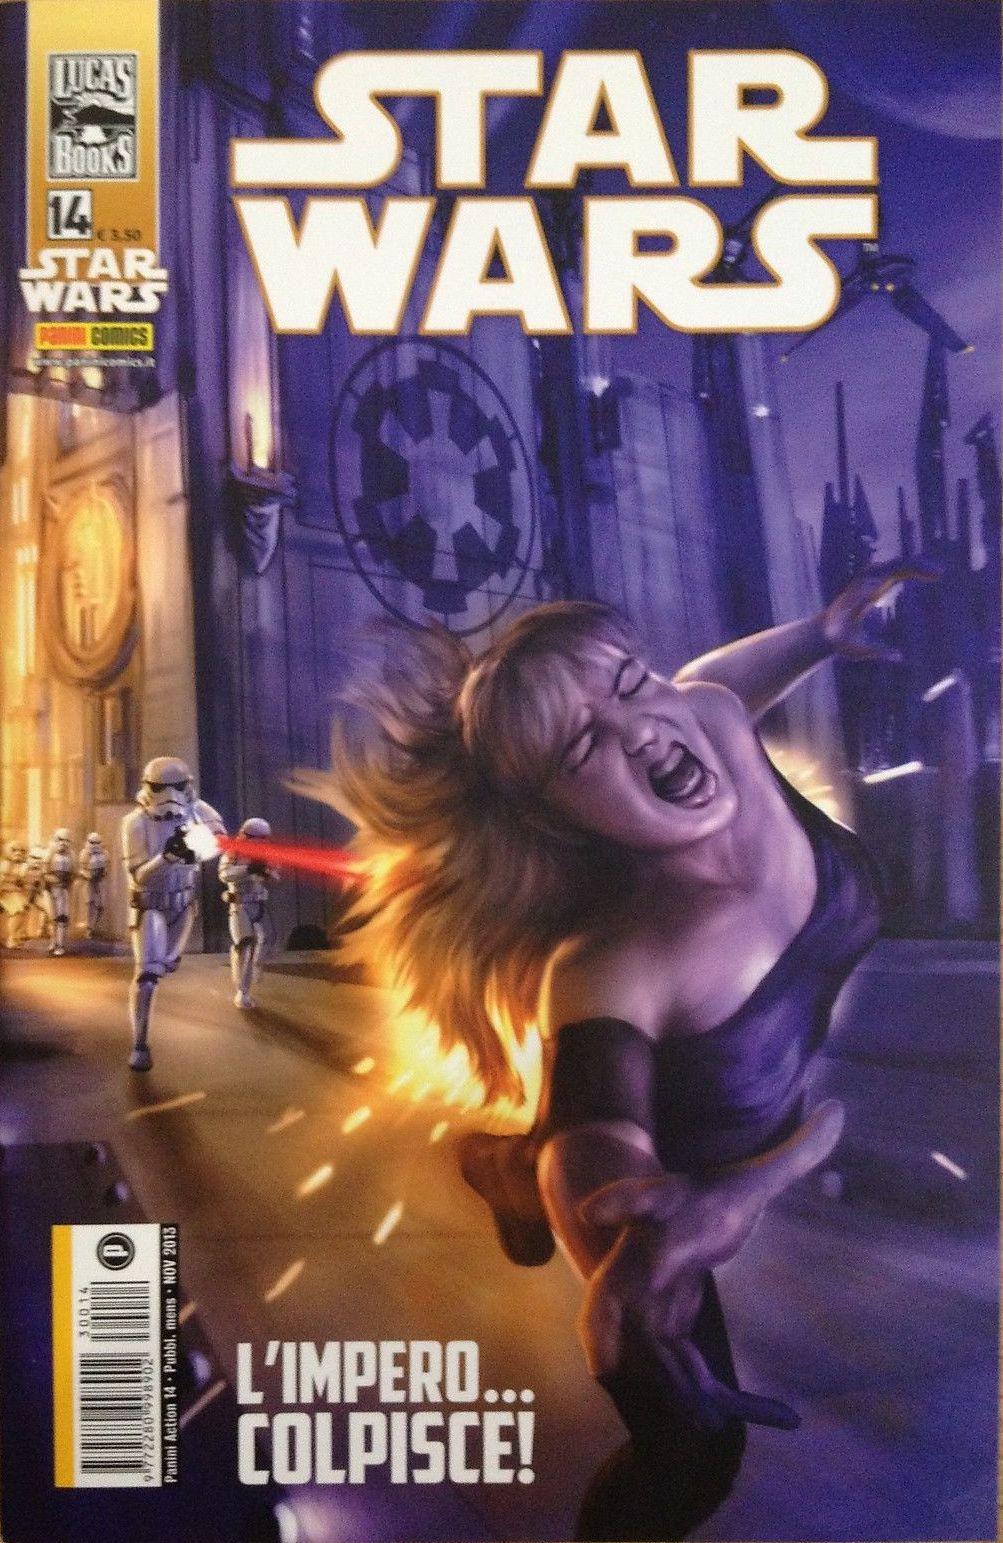 Star Wars vol. 14